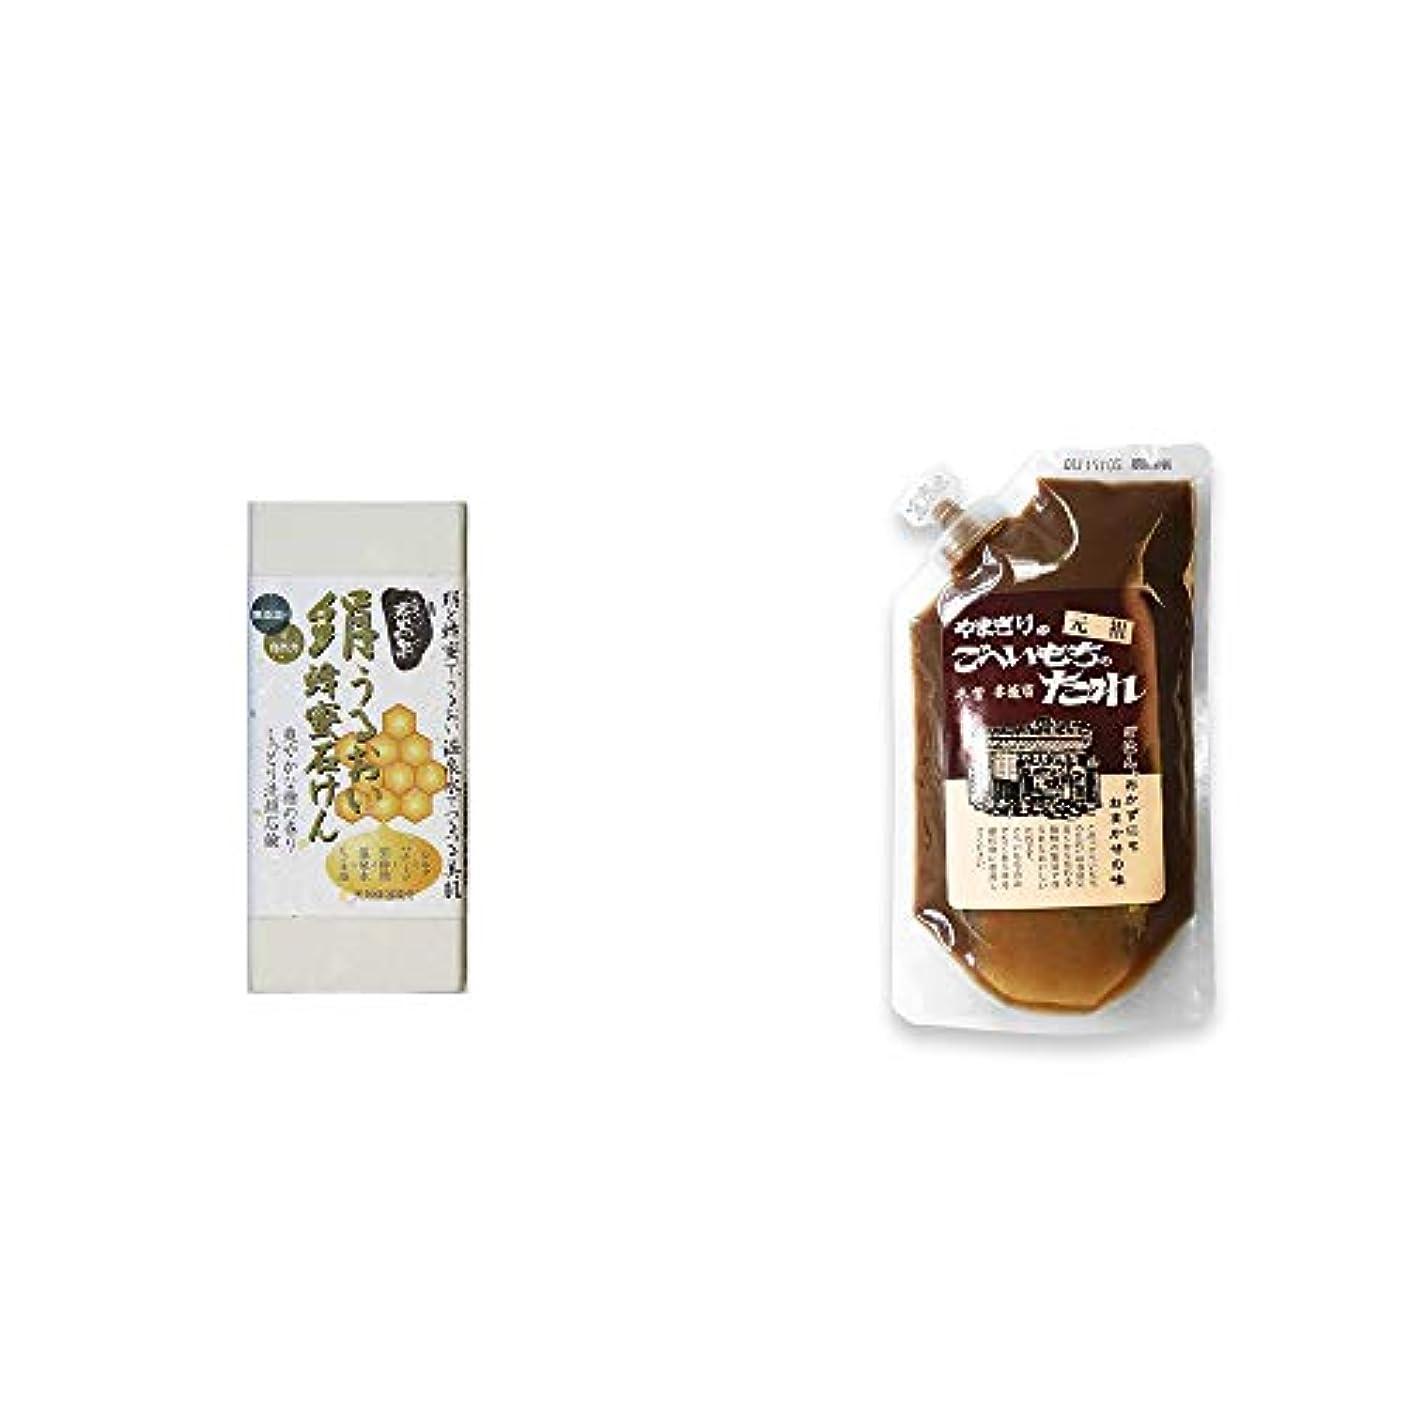 進むエネルギーサンドイッチ[2点セット] ひのき炭黒泉 絹うるおい蜂蜜石けん(75g×2)?妻籠宿 やまぎり食堂 ごへい餅のたれ(250g)